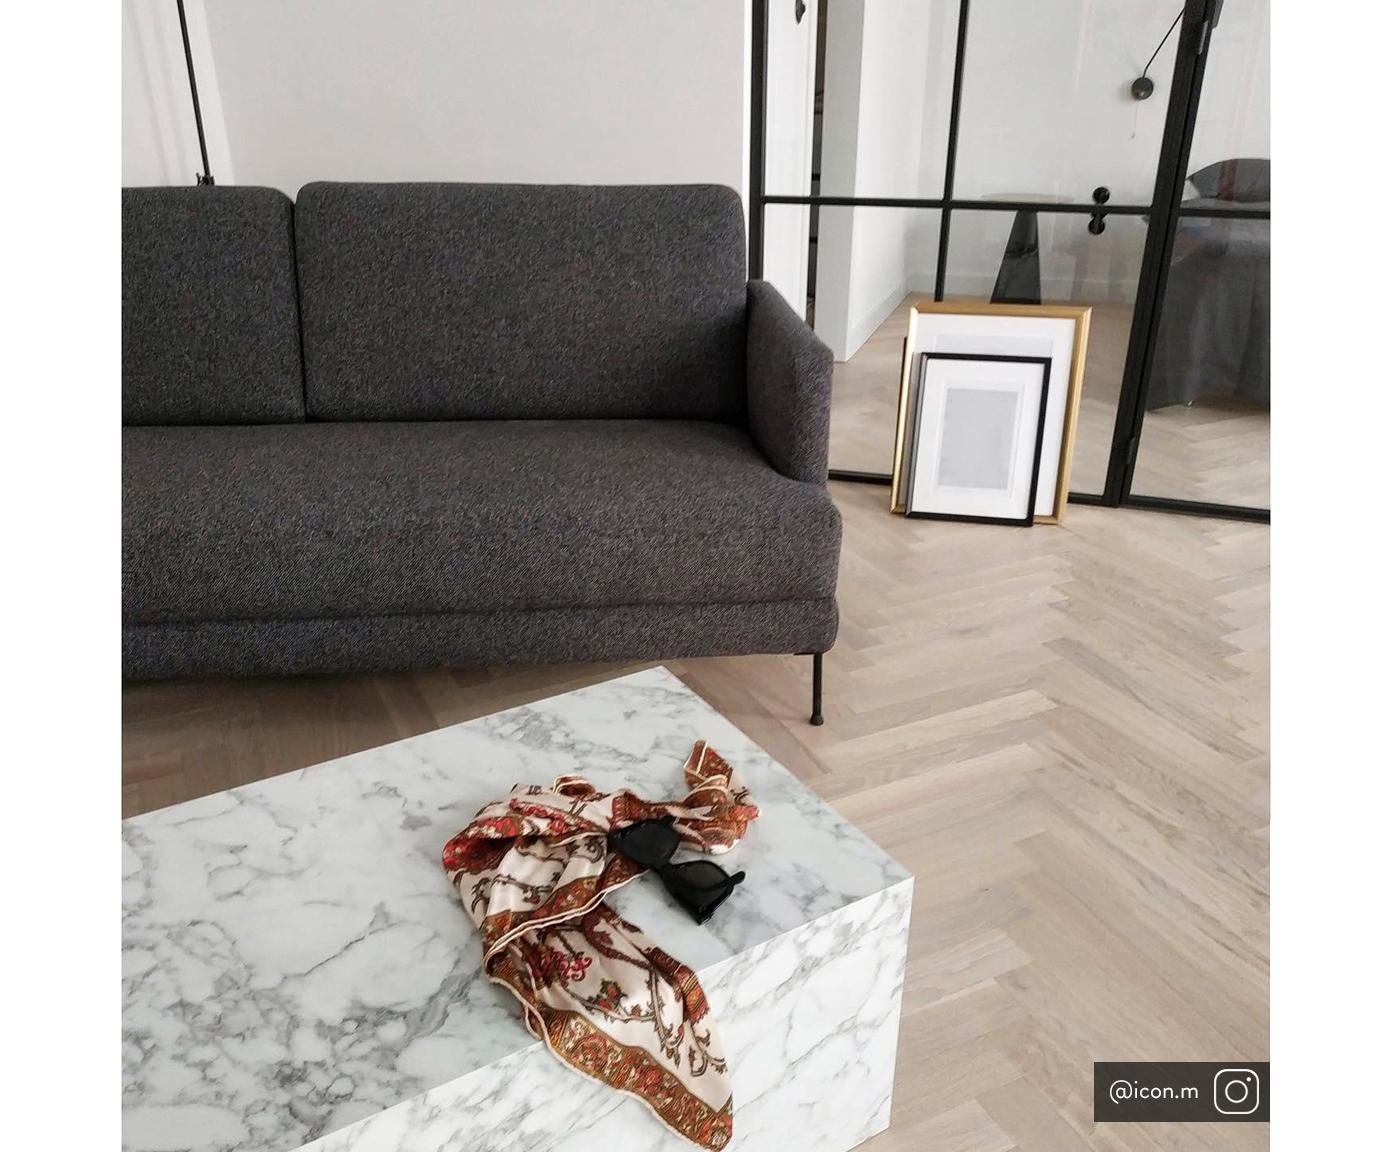 Sofa Fluente (3-Sitzer), Bezug: Polyester 45.000 Scheuert, Gestell: Massives Kiefernholz, Füße: Metall, lackiert, Webstoff Dunkelgrau, 197 x 85 cm